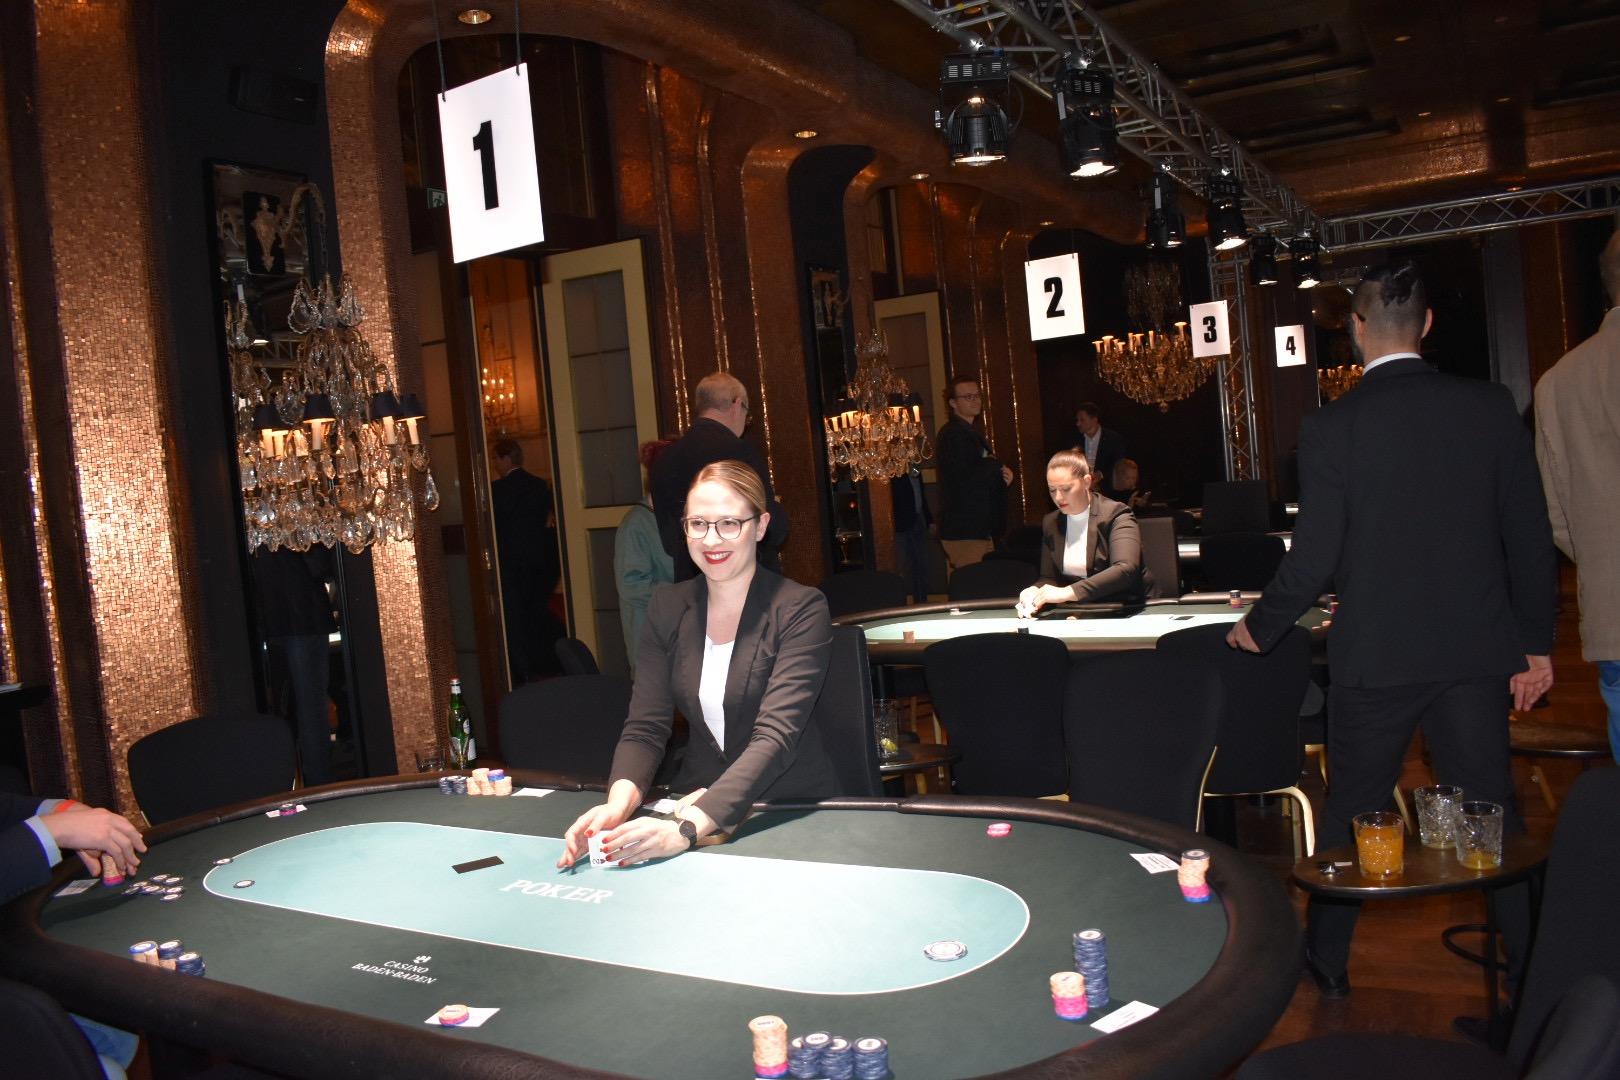 Tournoi Poker Baden Baden